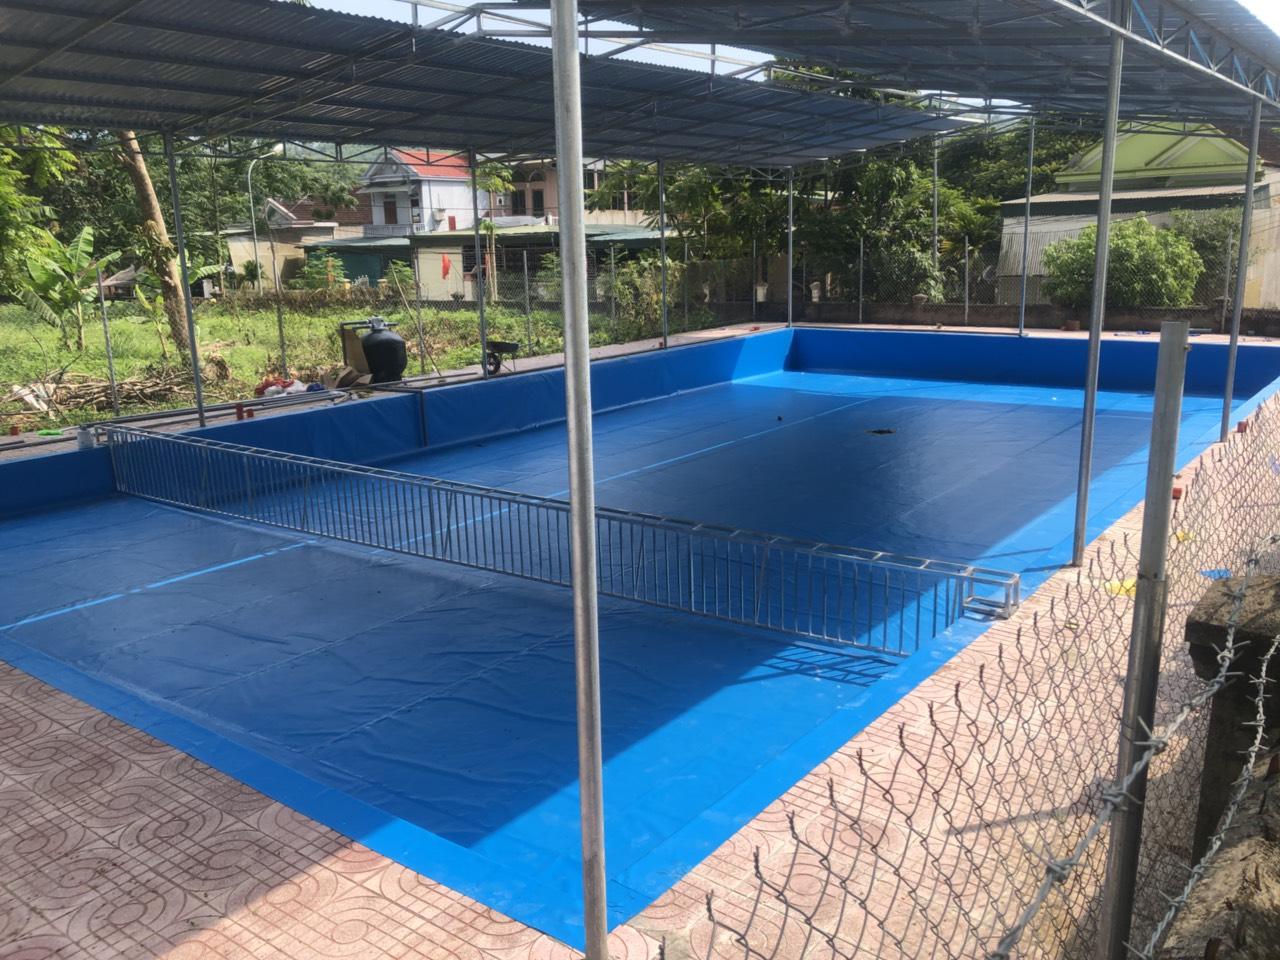 hồ bơi - bể bơi âm lót bạt pvc